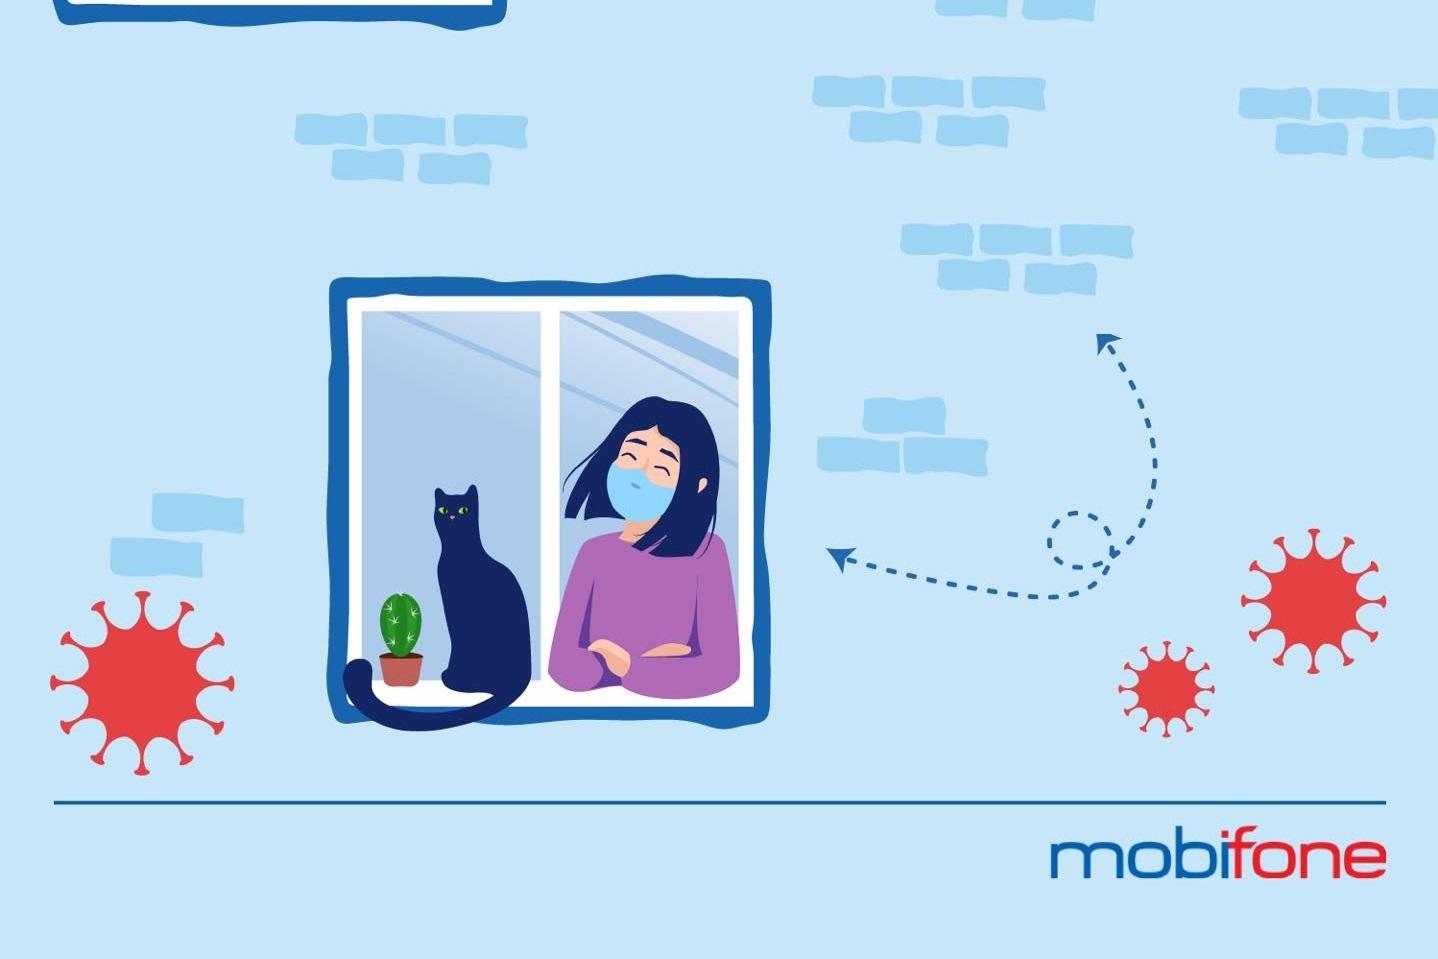 Hướng dẫn đăng ký 4G MobiFone 1 năm 180GB